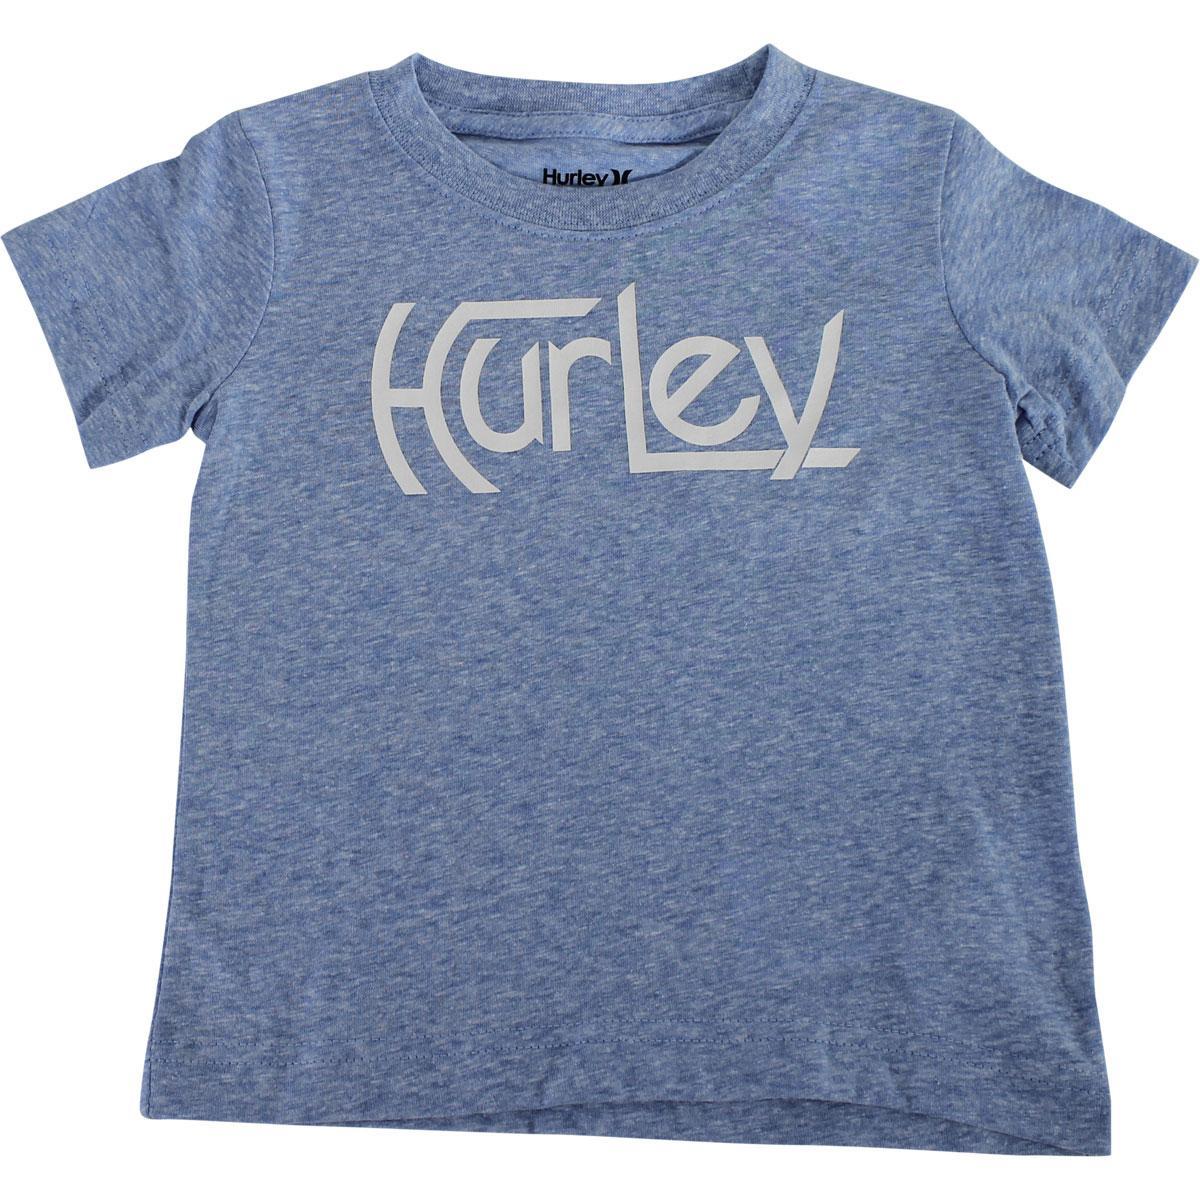 Hurley Toddler Girl's Logo Short Sleeve T-Shirt